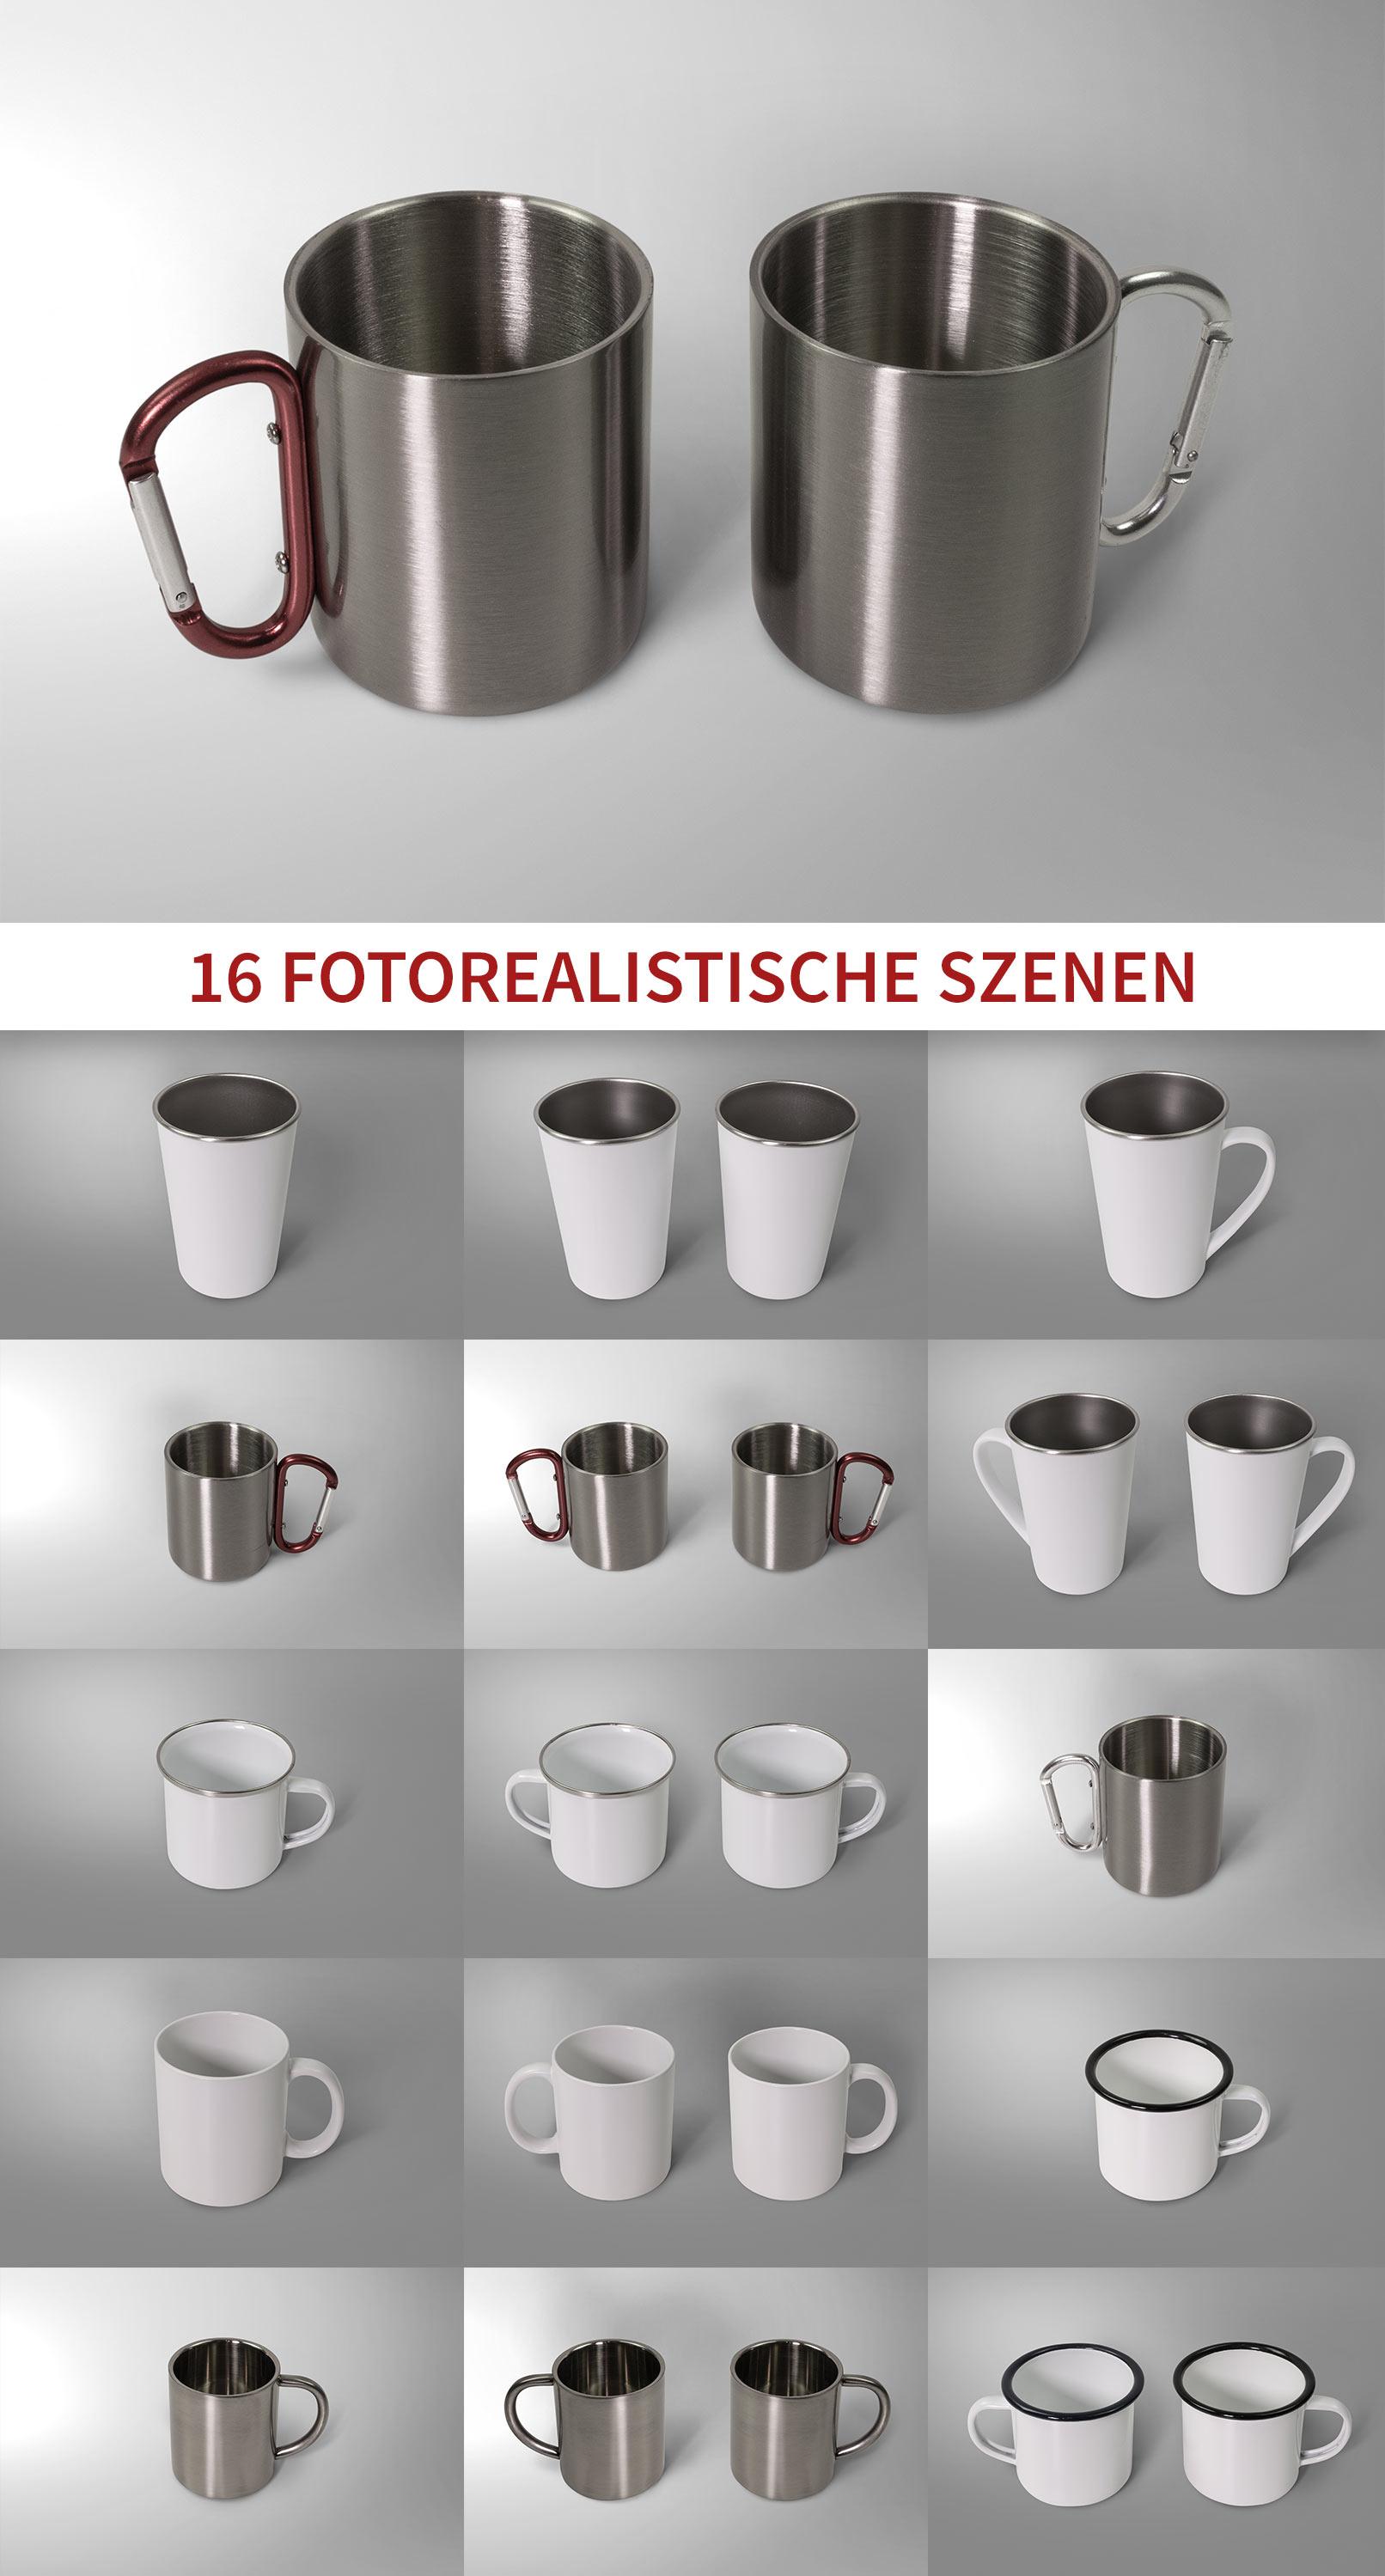 16Photoshop-Mockups für Tassenmit verschiedenen Hintergründen